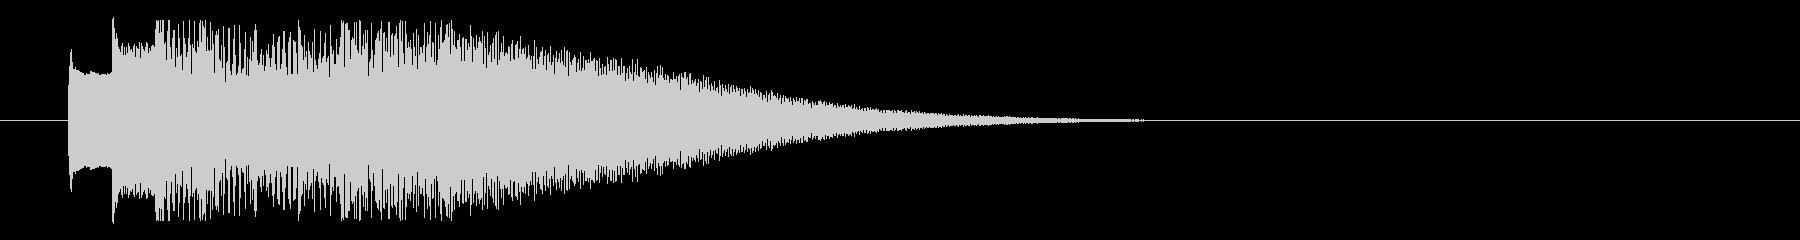 オルゴール調のきれいなロゴの未再生の波形